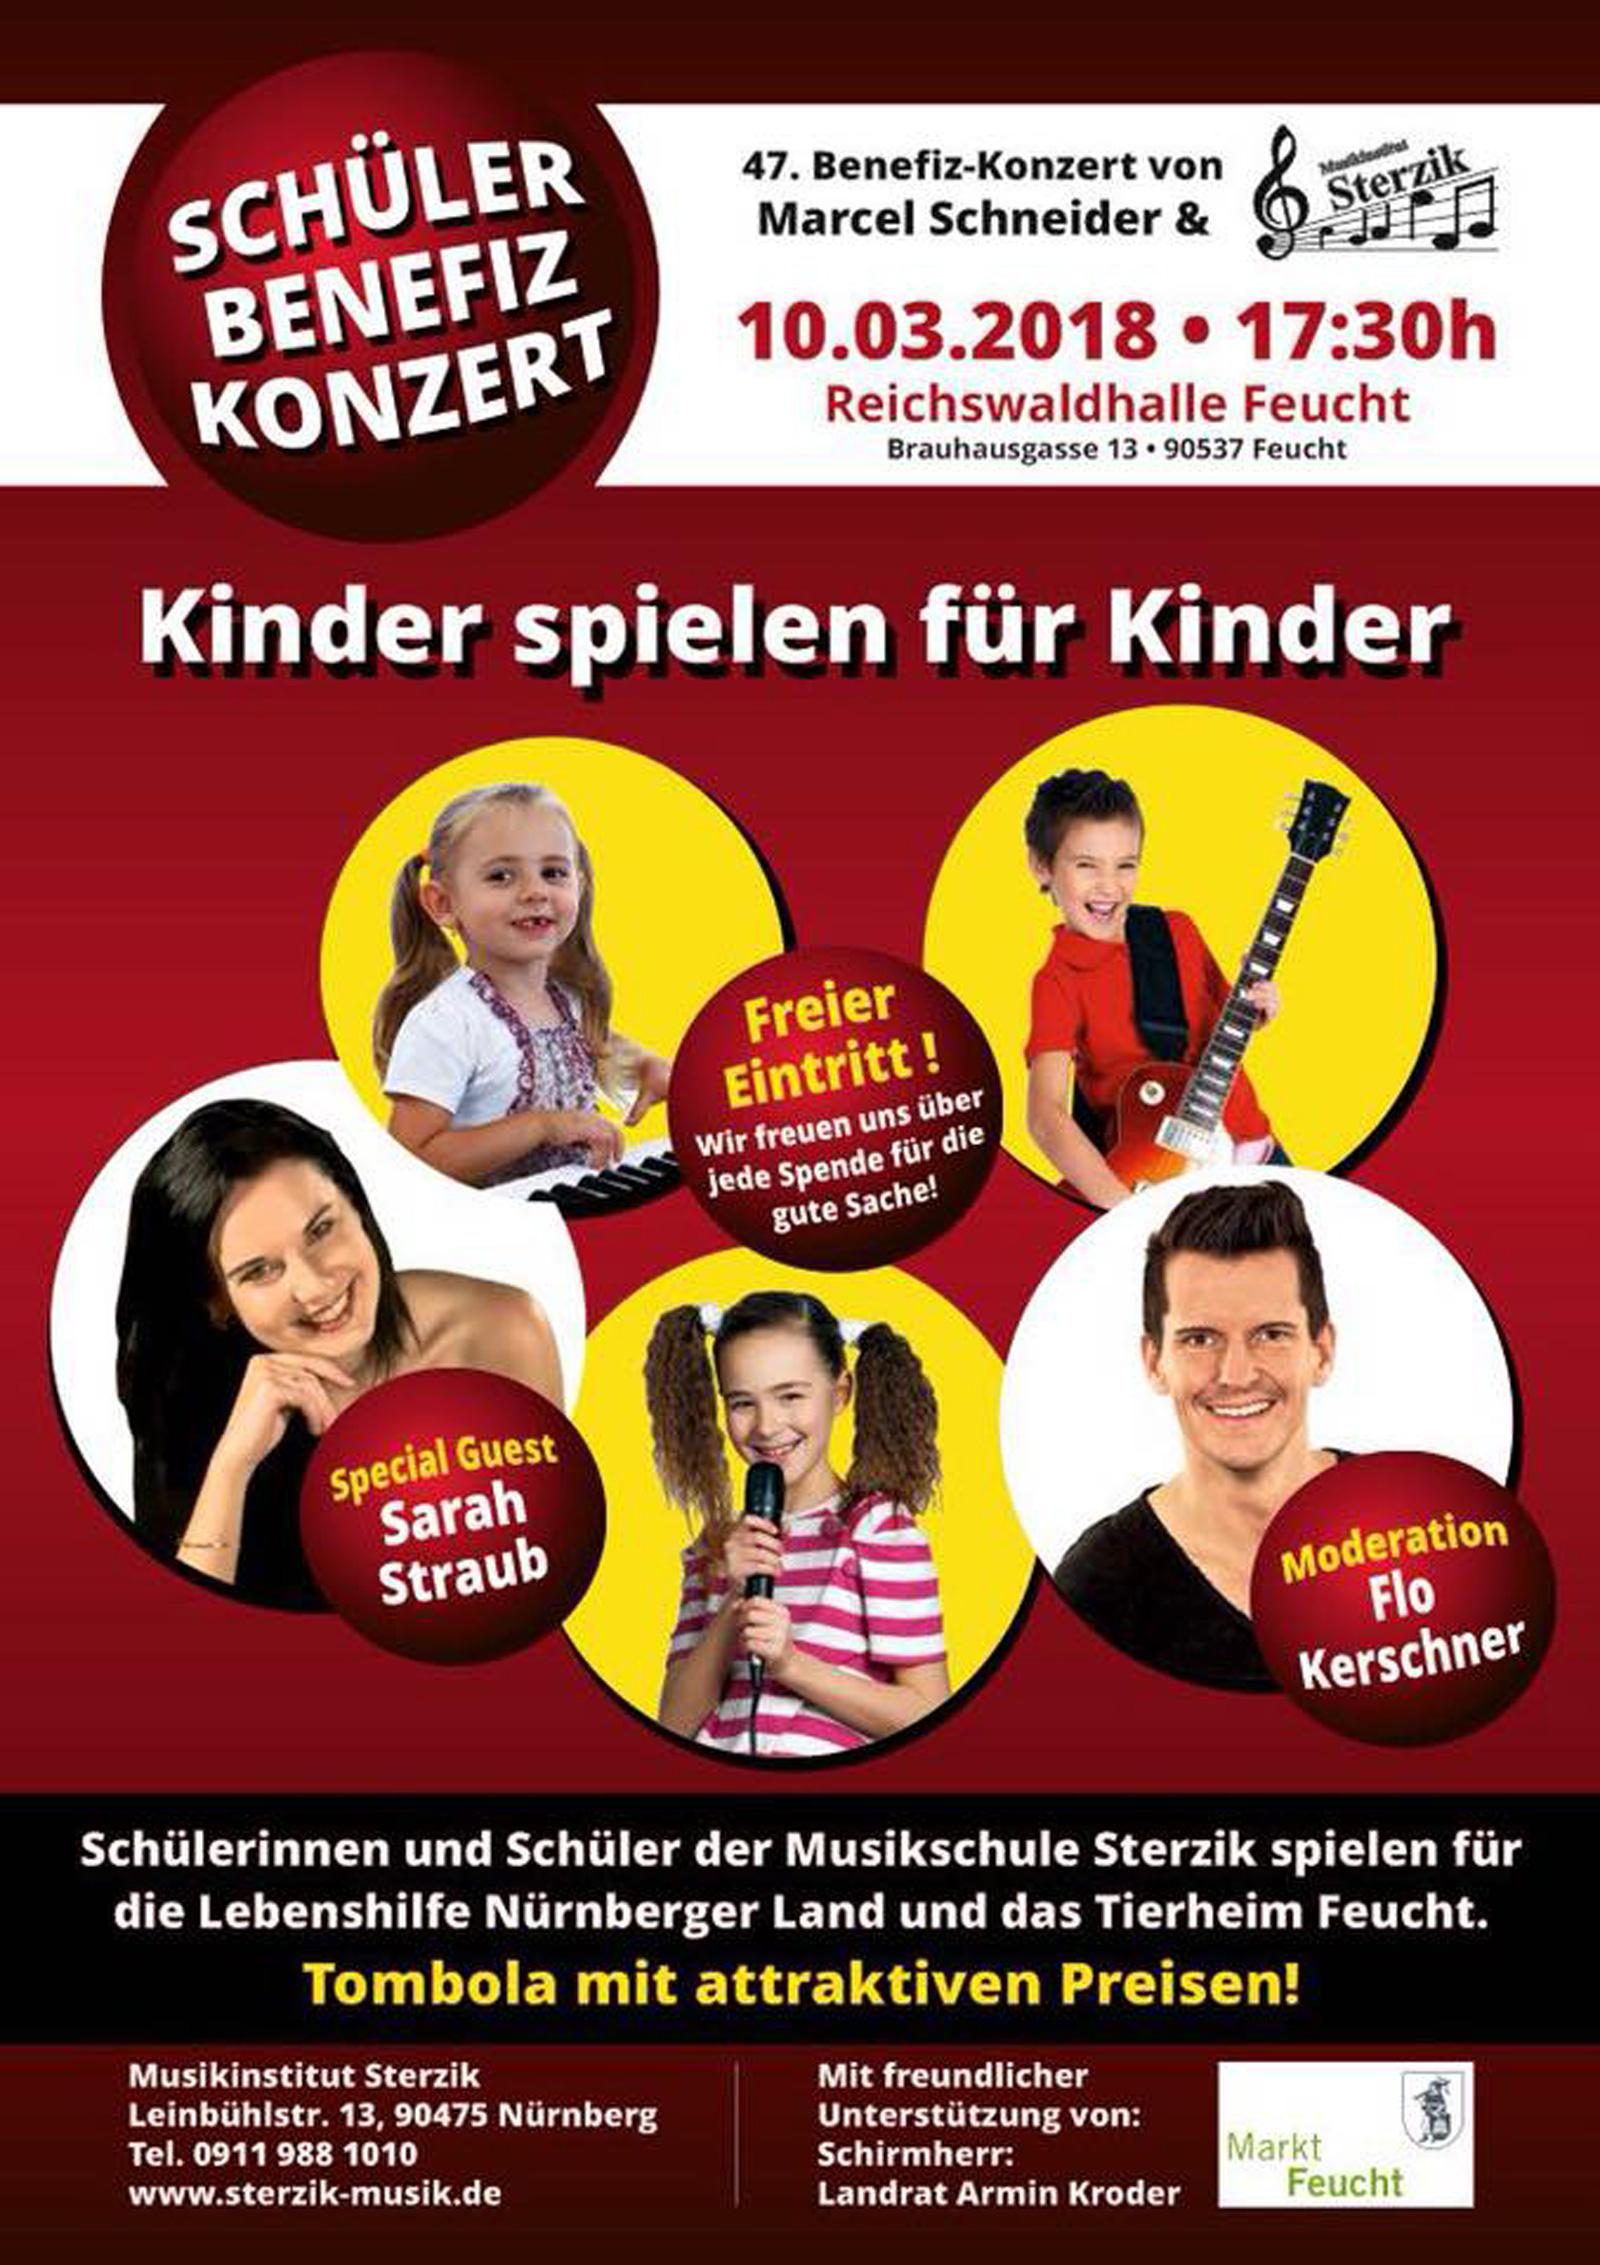 47. Benefizveranstaltung von Marcel Schneider, unterstützt durch die Musikschule Sterzik: 10.3.18, 17.30 Uhr, Feucht, Reichswaldhalle.